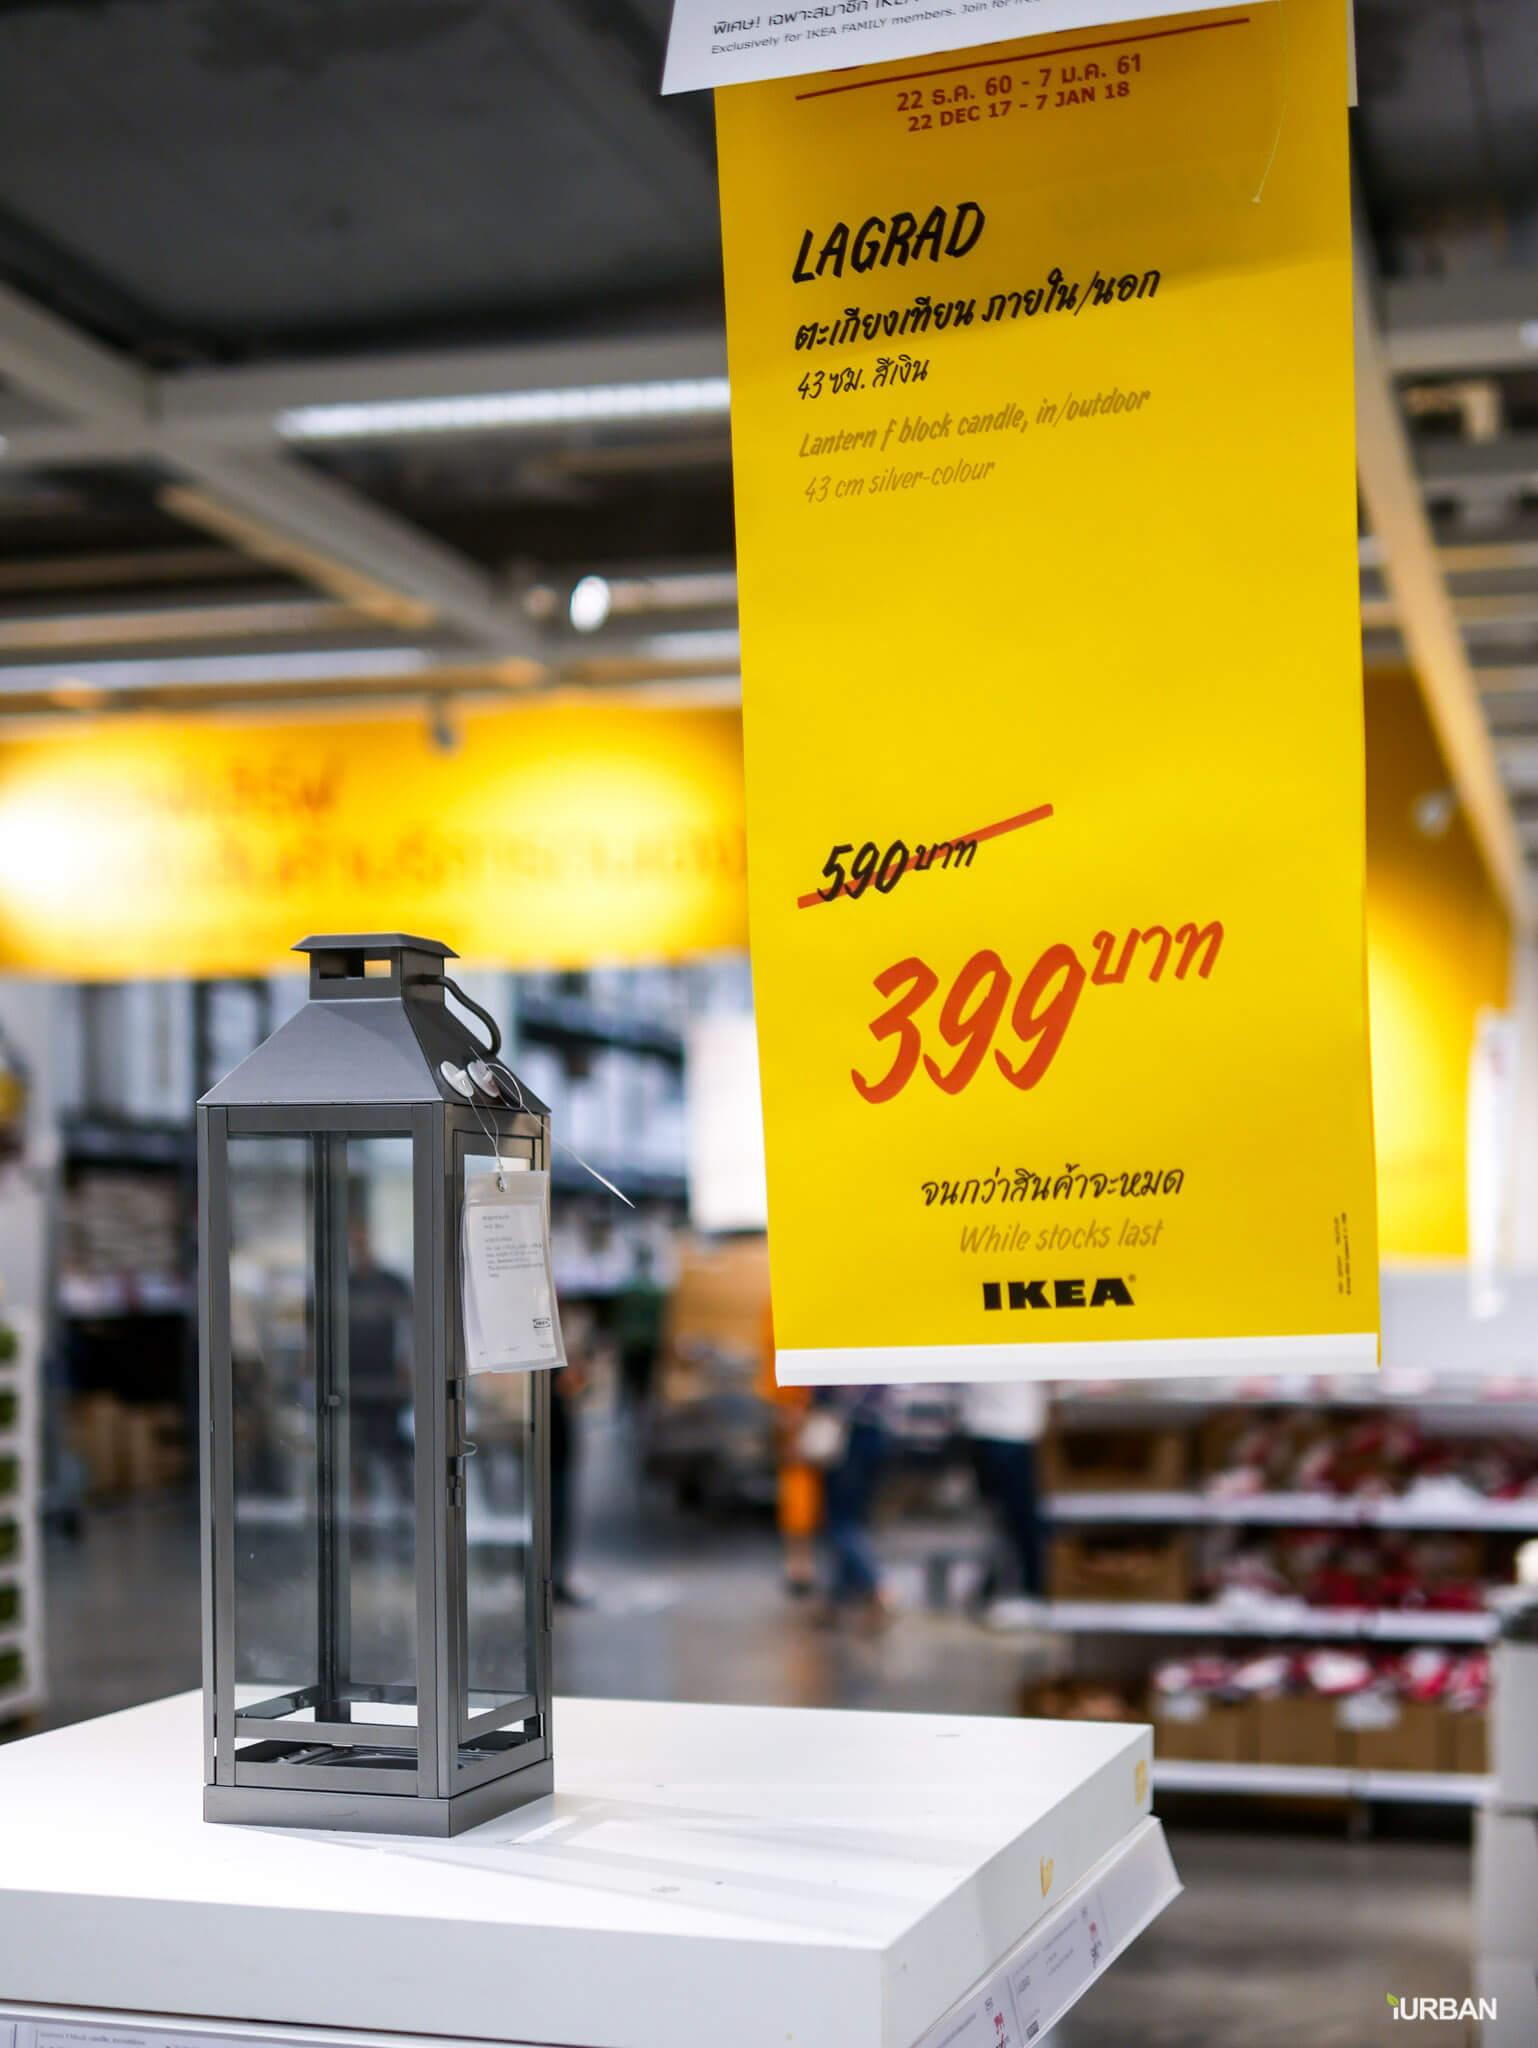 มันเยอะมากกกก!! IKEA Year End SALE 2017 รวมของเซลในอิเกีย ลดเยอะ ลดแหลก รีบพุ่งตัวไป วันนี้ - 7 มกราคม 61 202 - IKEA (อิเกีย)